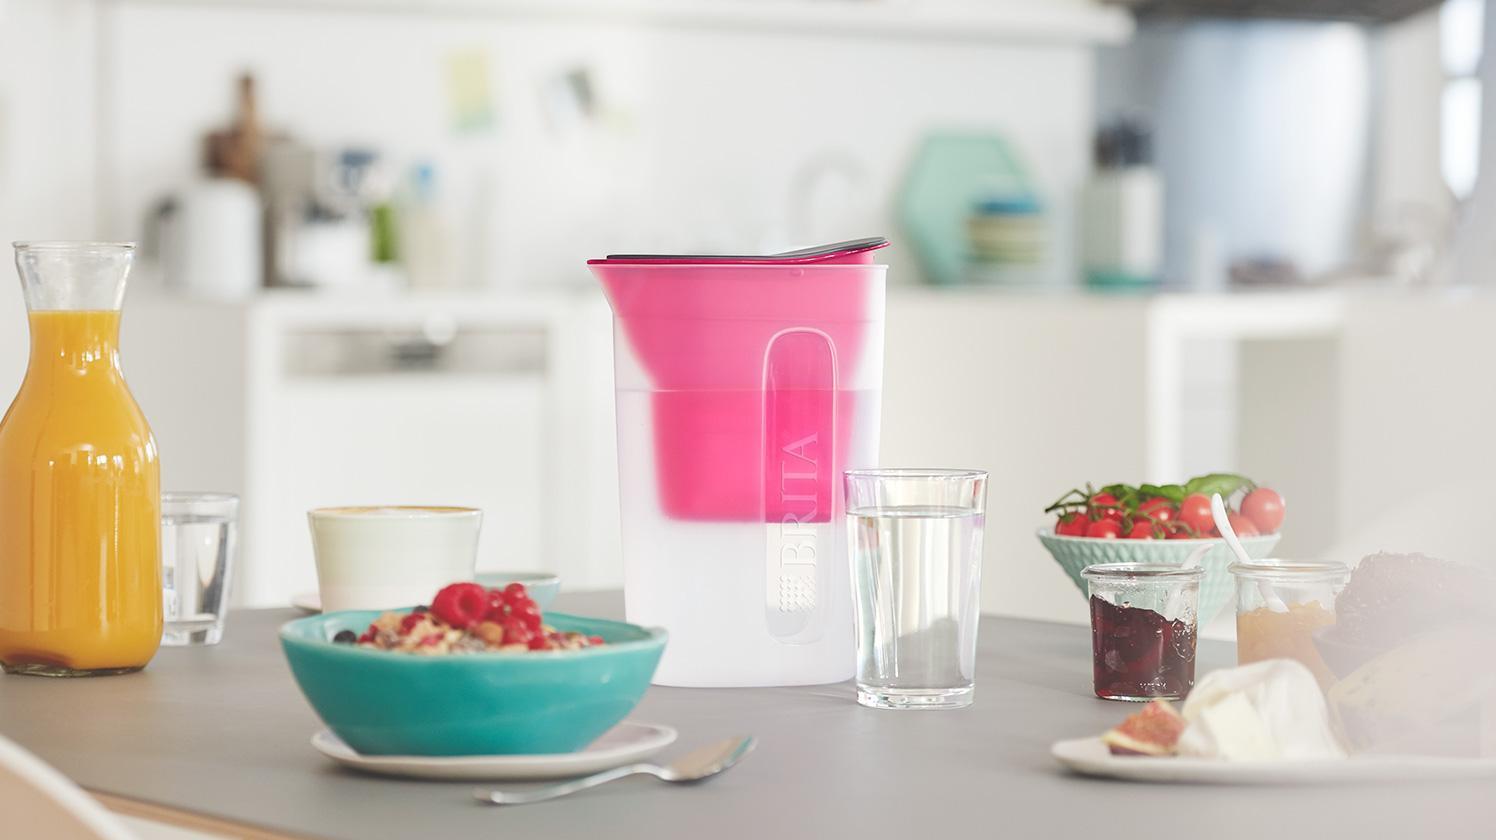 BRITA fill&enjoy Fun pink kitchen breakfast